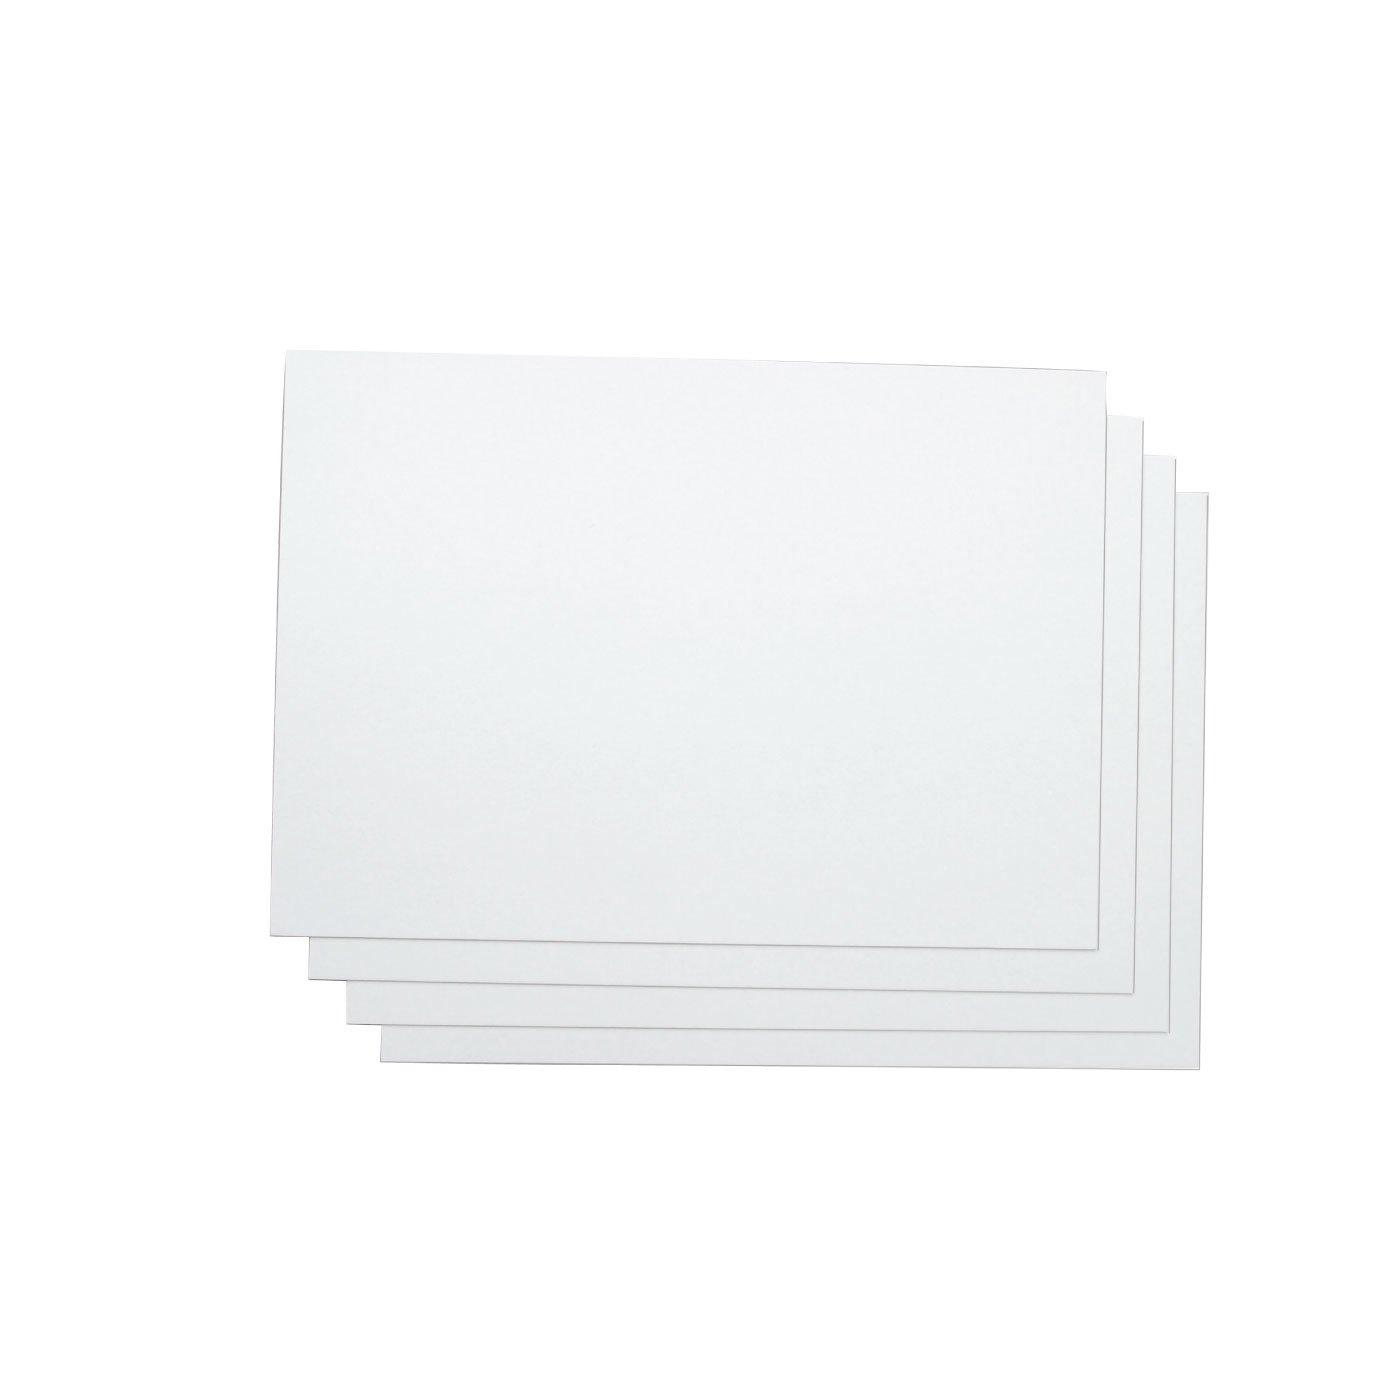 布張りクラフトプログラム 両面接着芯・厚紙セット